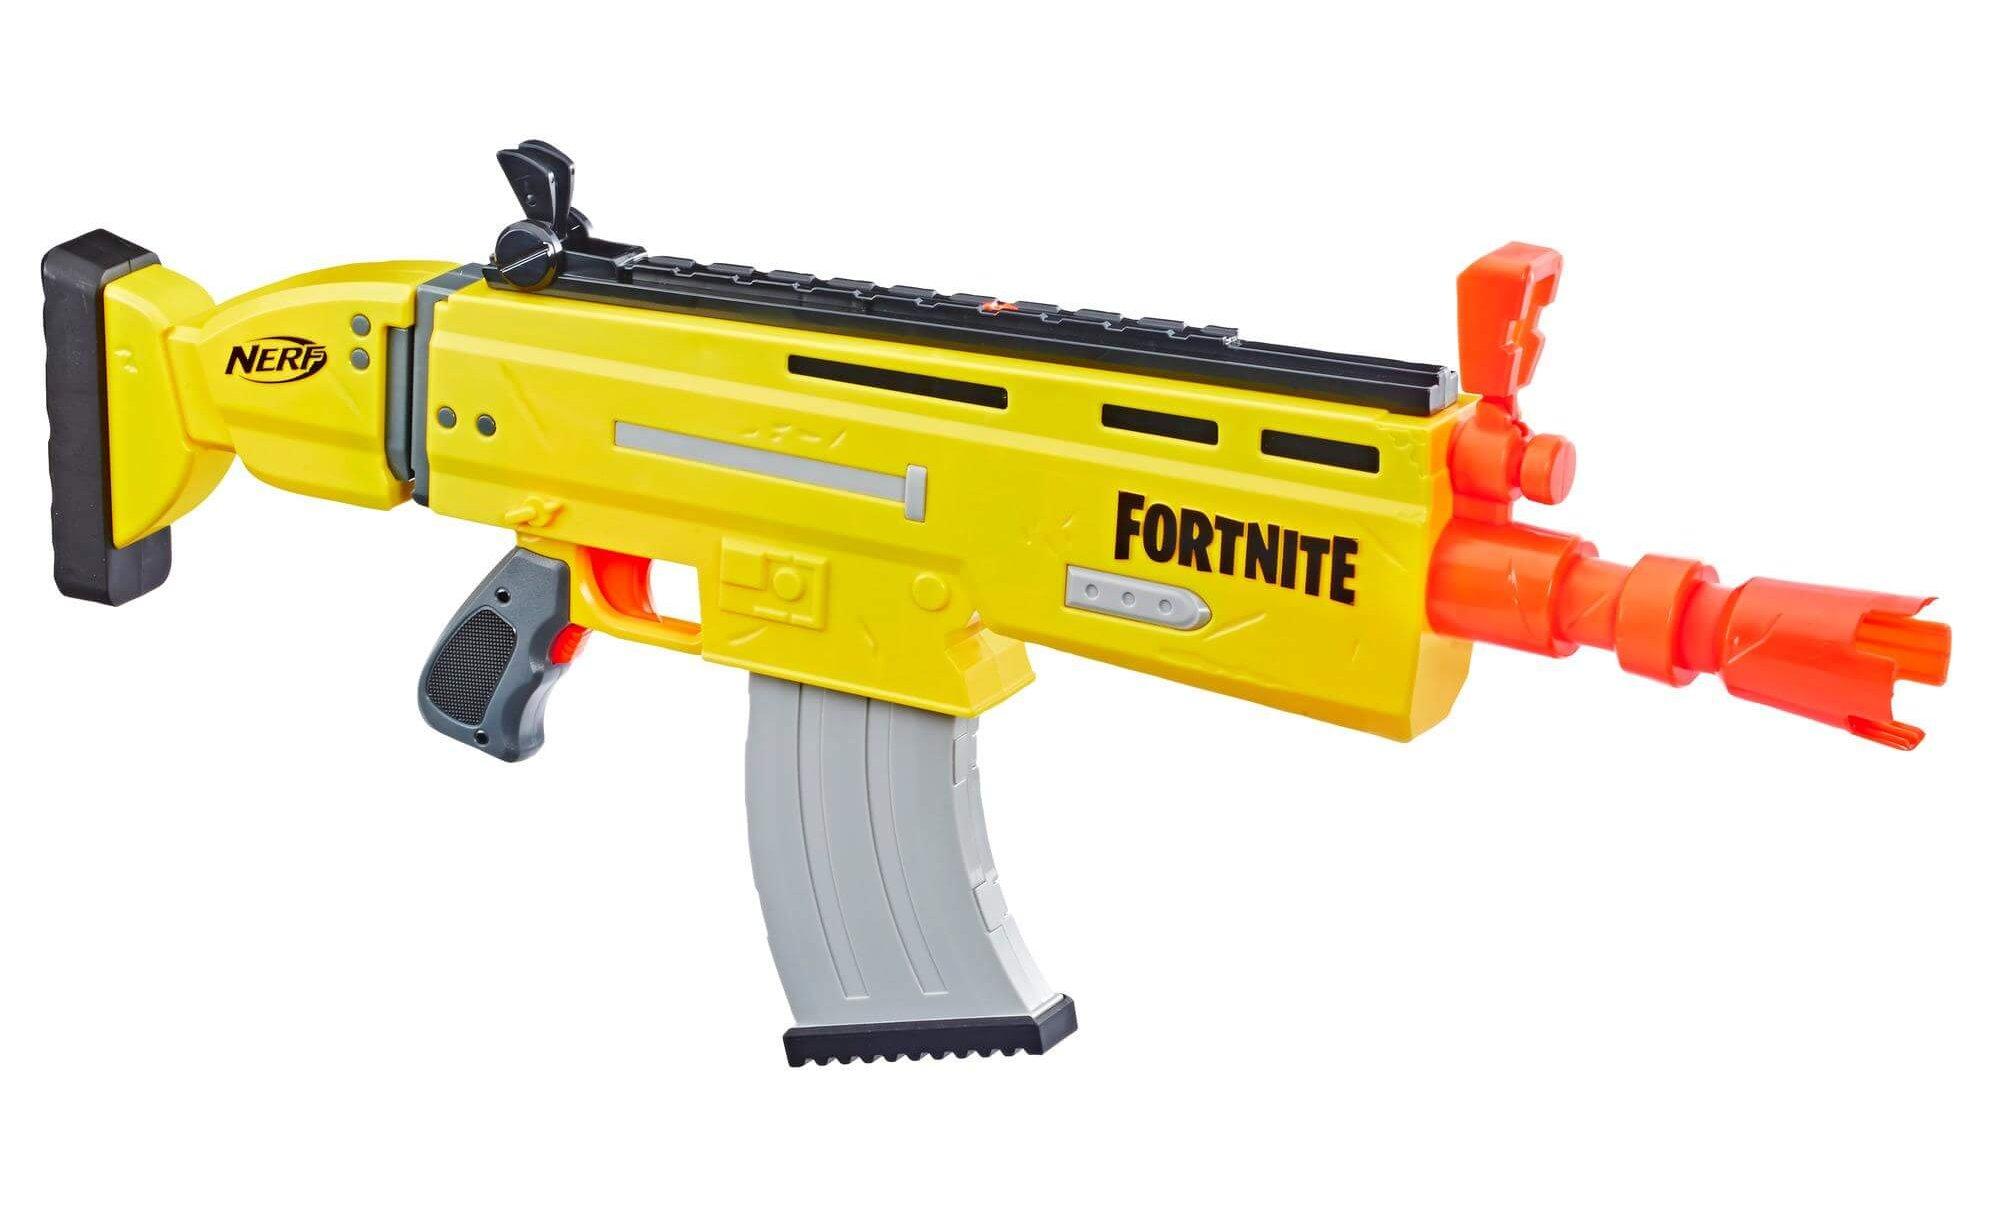 Nerf Fortnite Blaster